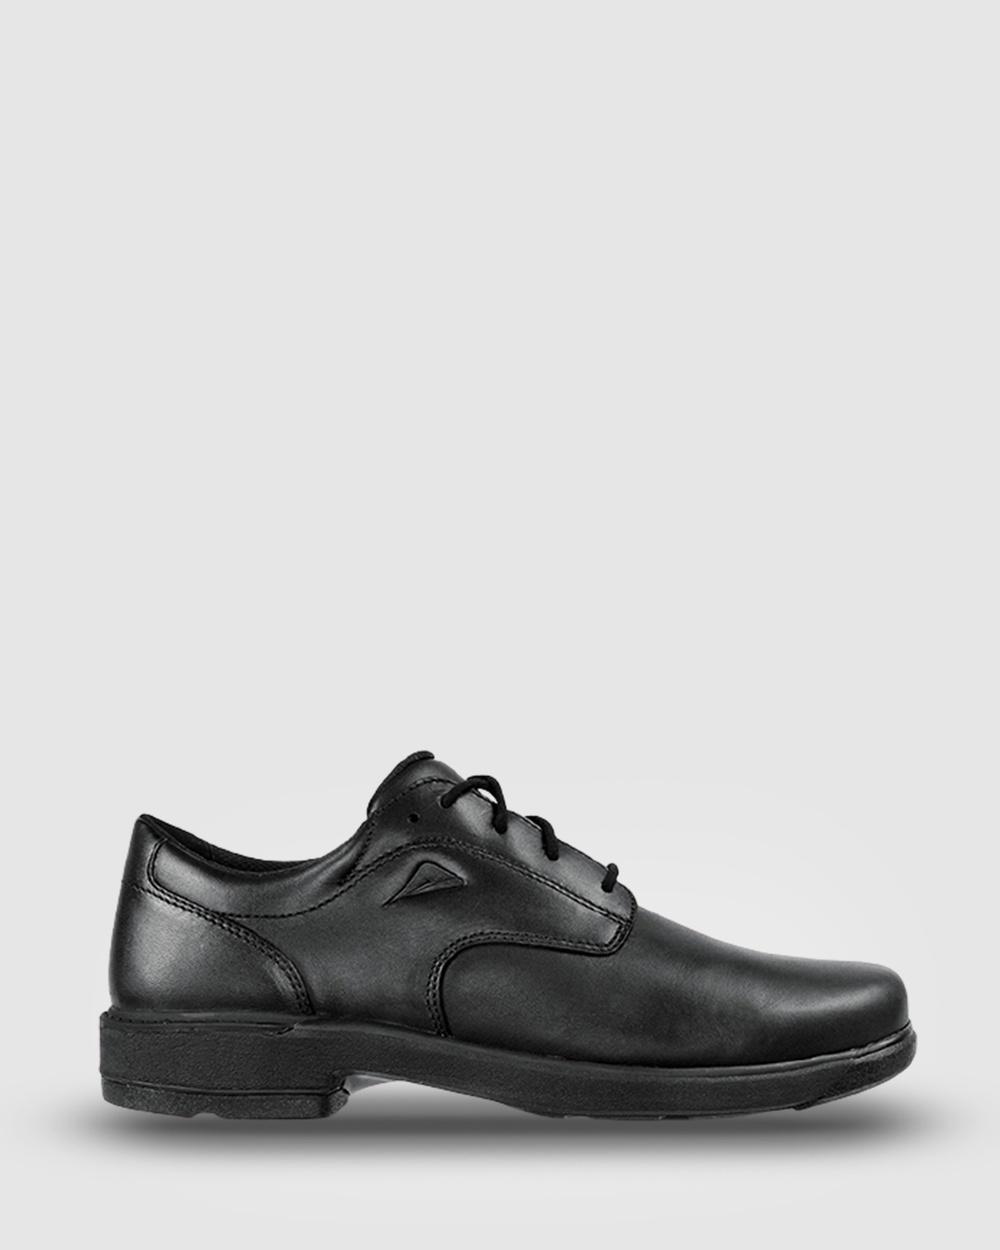 Ascent Scholar D Width School Shoes Black Australia